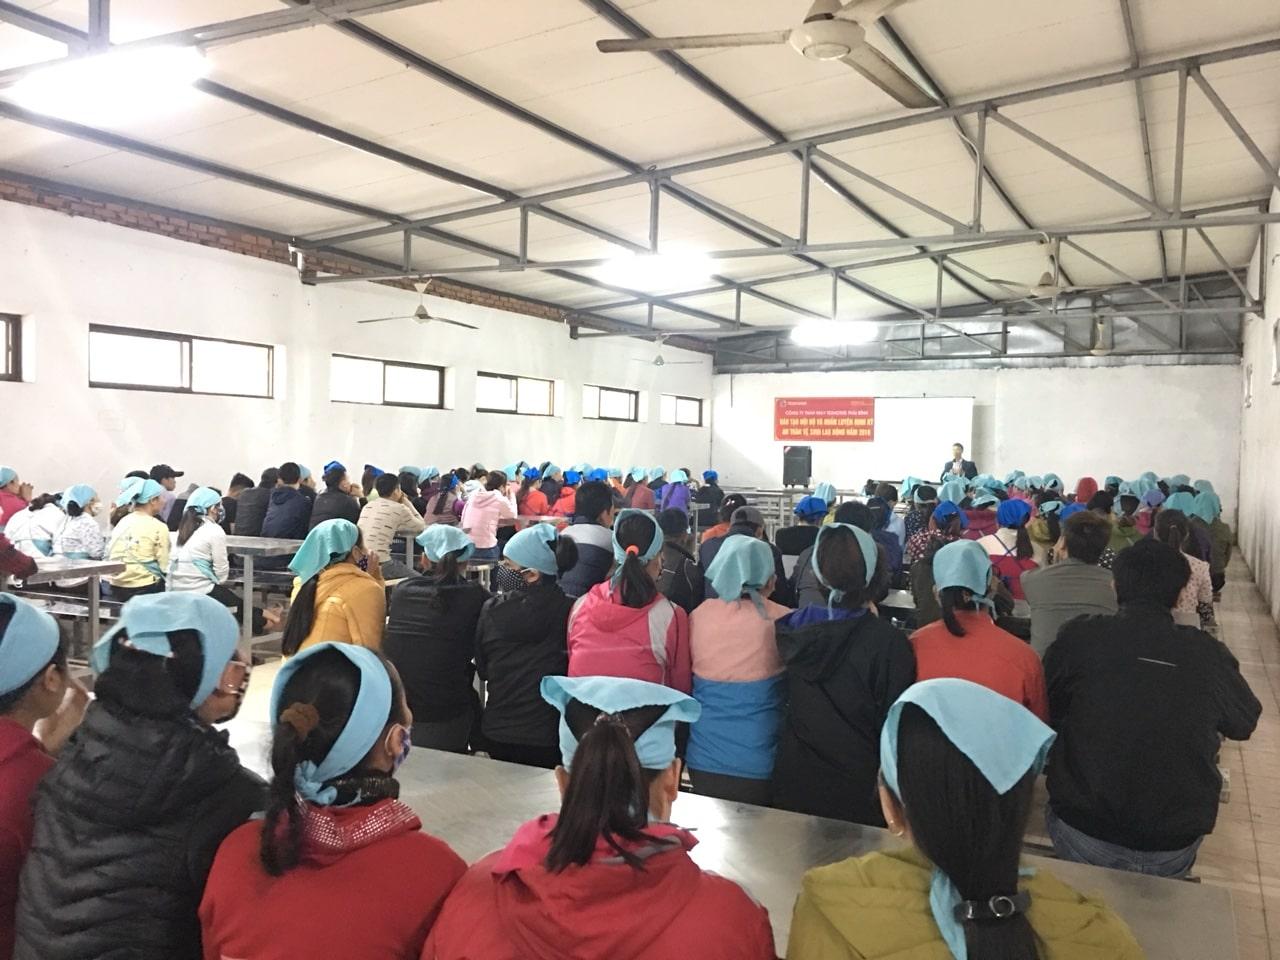 Huấn luyện an toàn lao động tại Công ty TNHH may Texhong Thái Bình